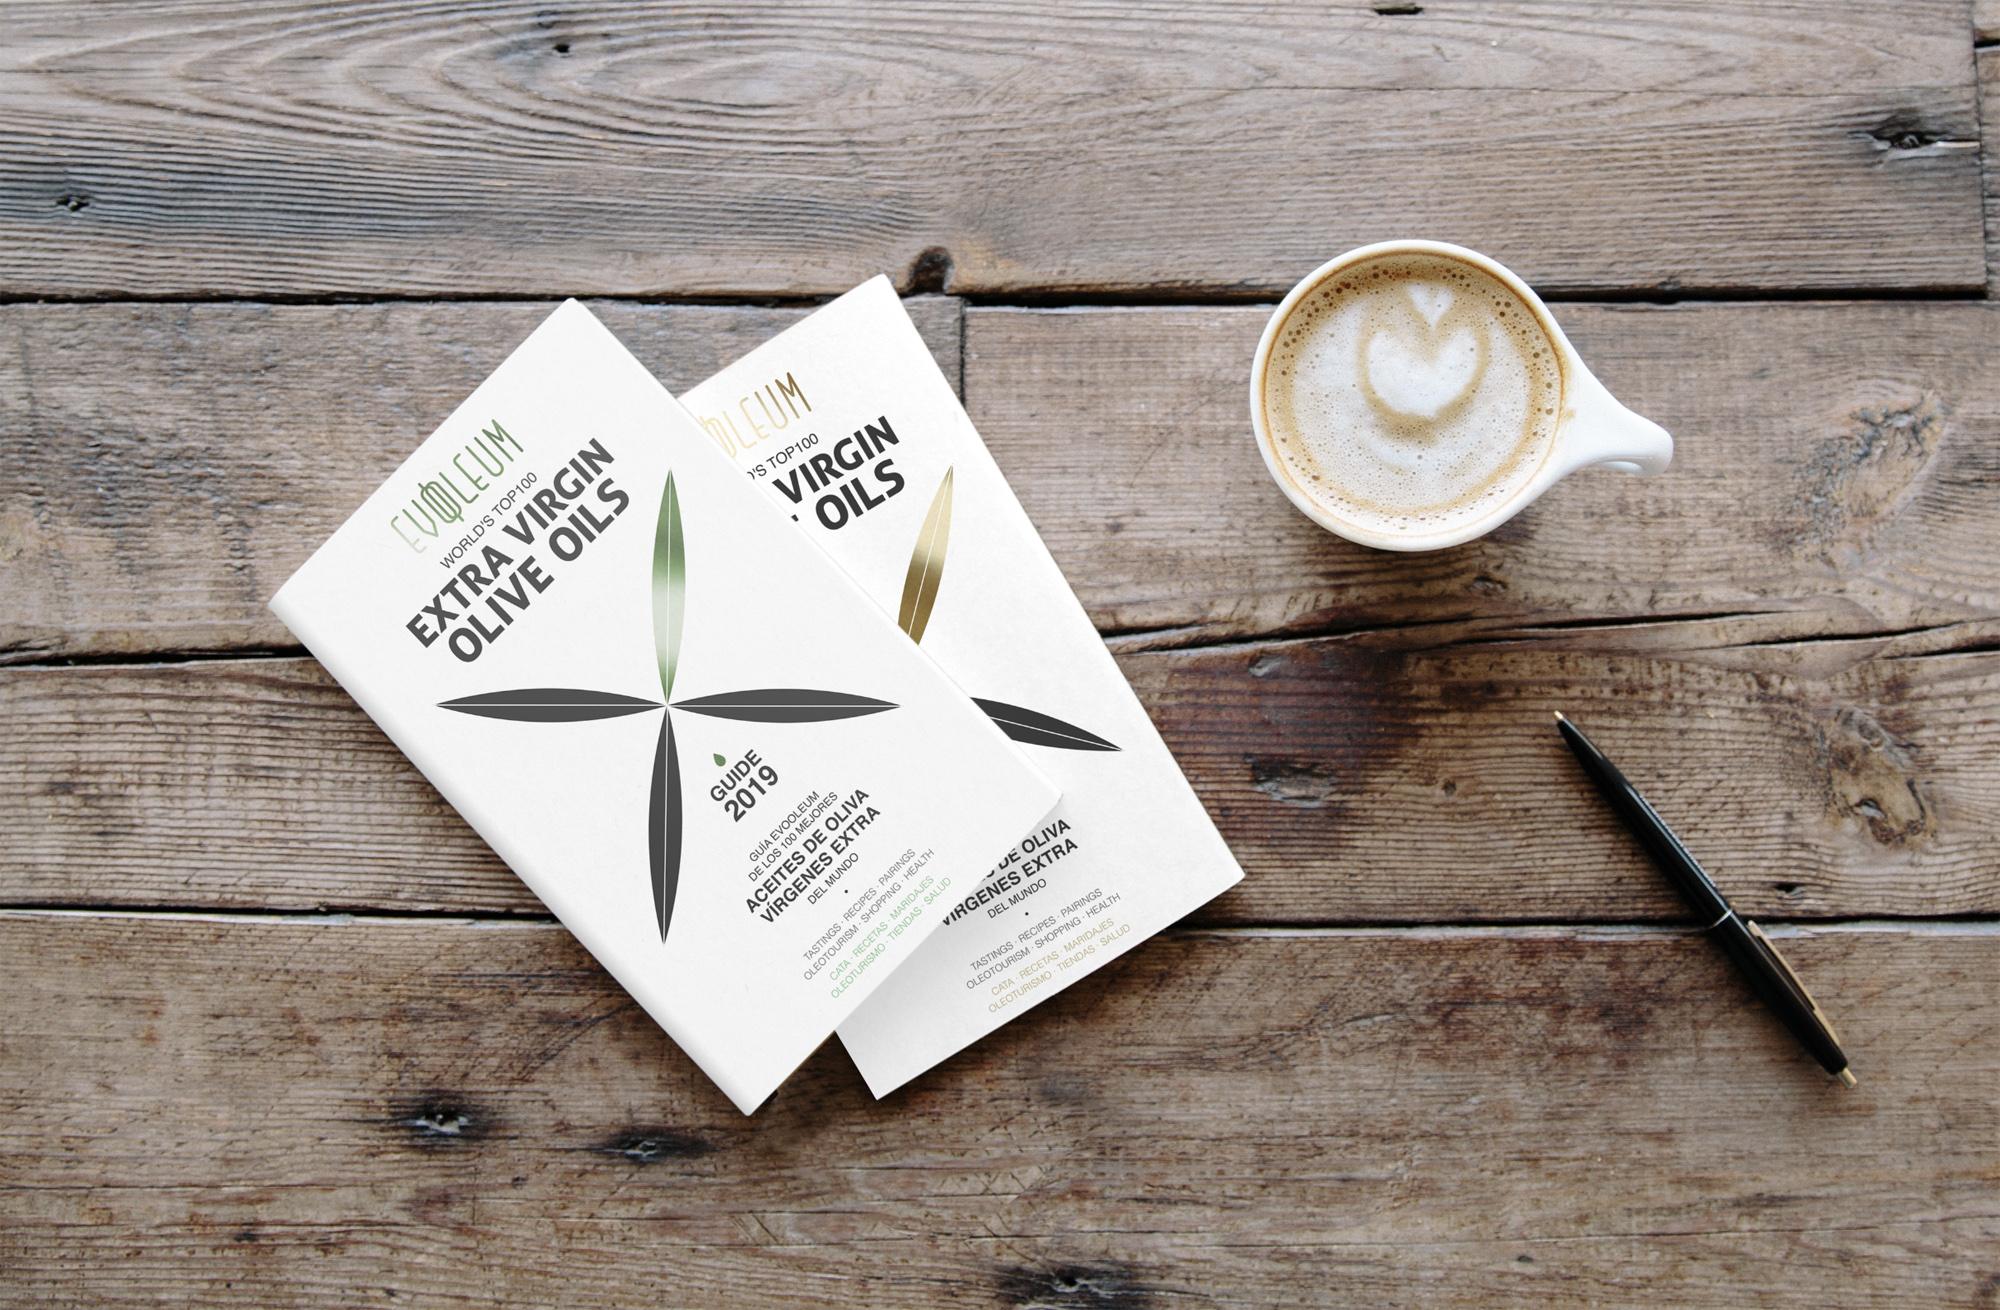 Llega al mercado Evooleum 2019, la influyente guía de los 100 mejores AOVEs del mundo